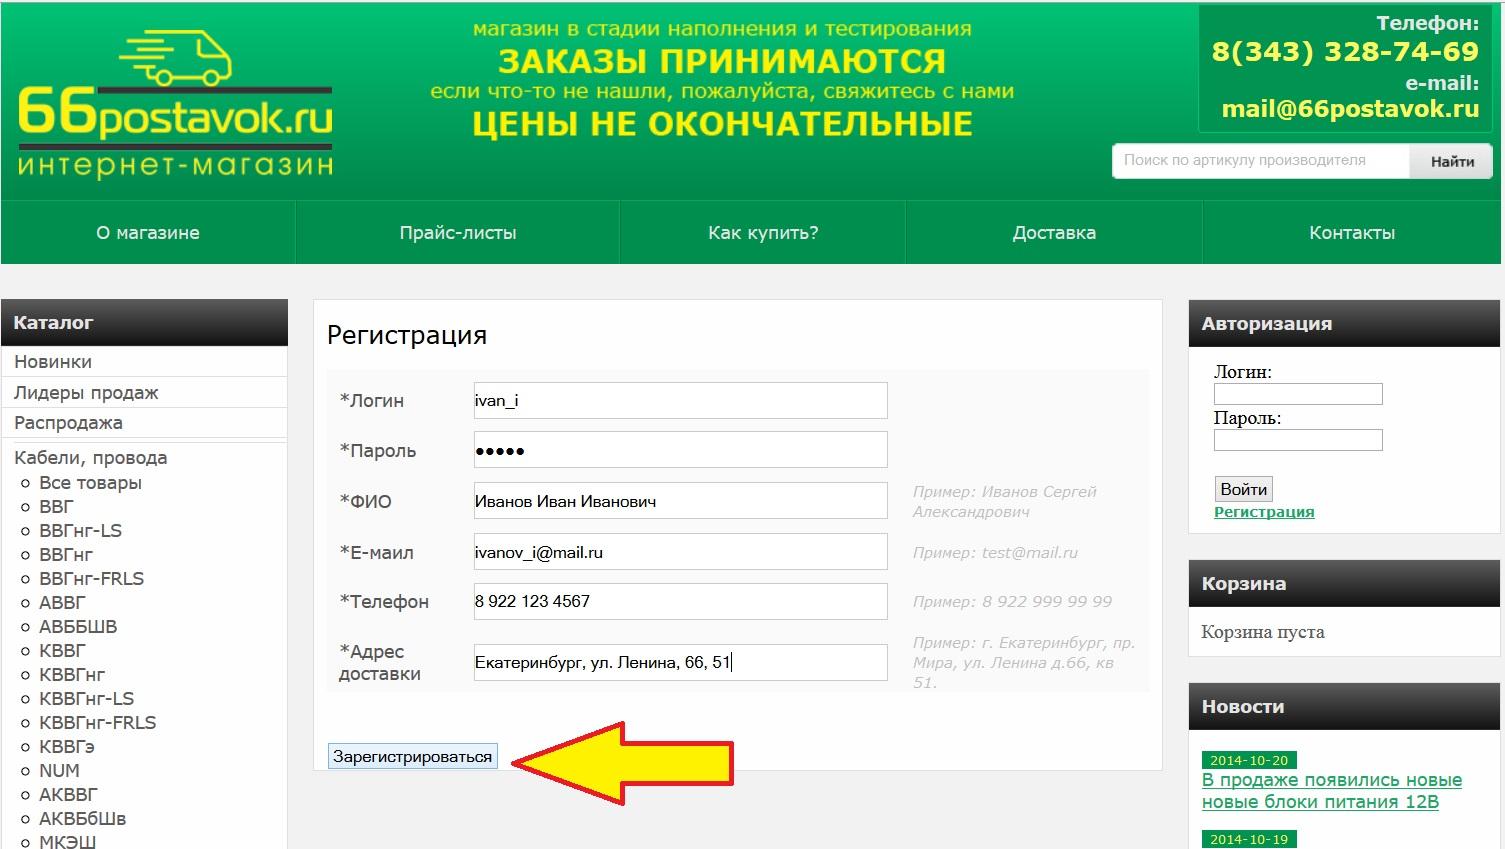 Введите данные и нажмите Зарегистрироваться